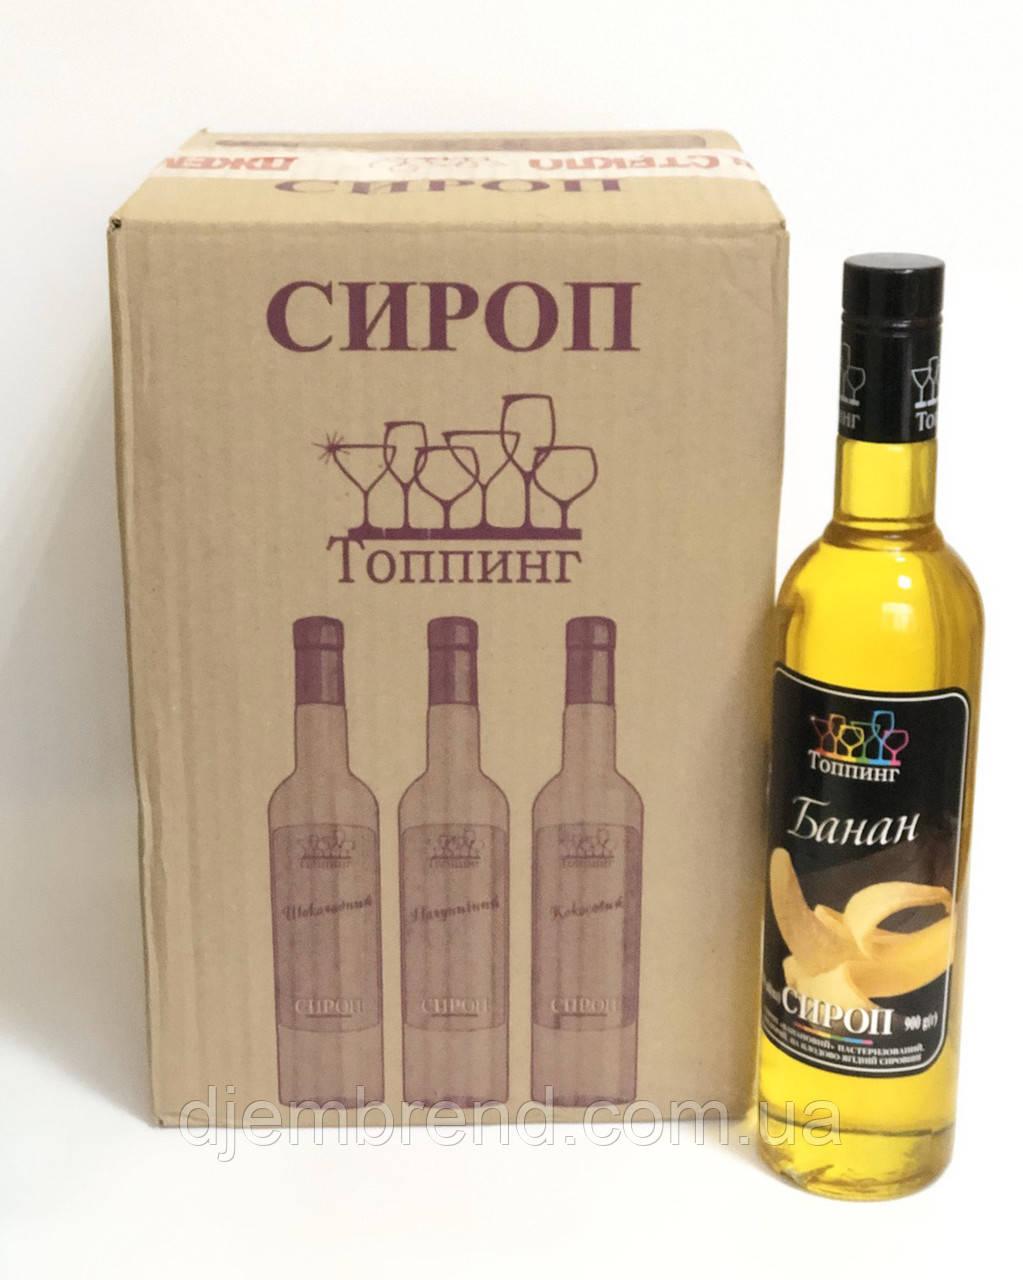 Сироп Желтый Банан ТМ Топпинг, коробка 9 шт. Цена 59 грн/шт.